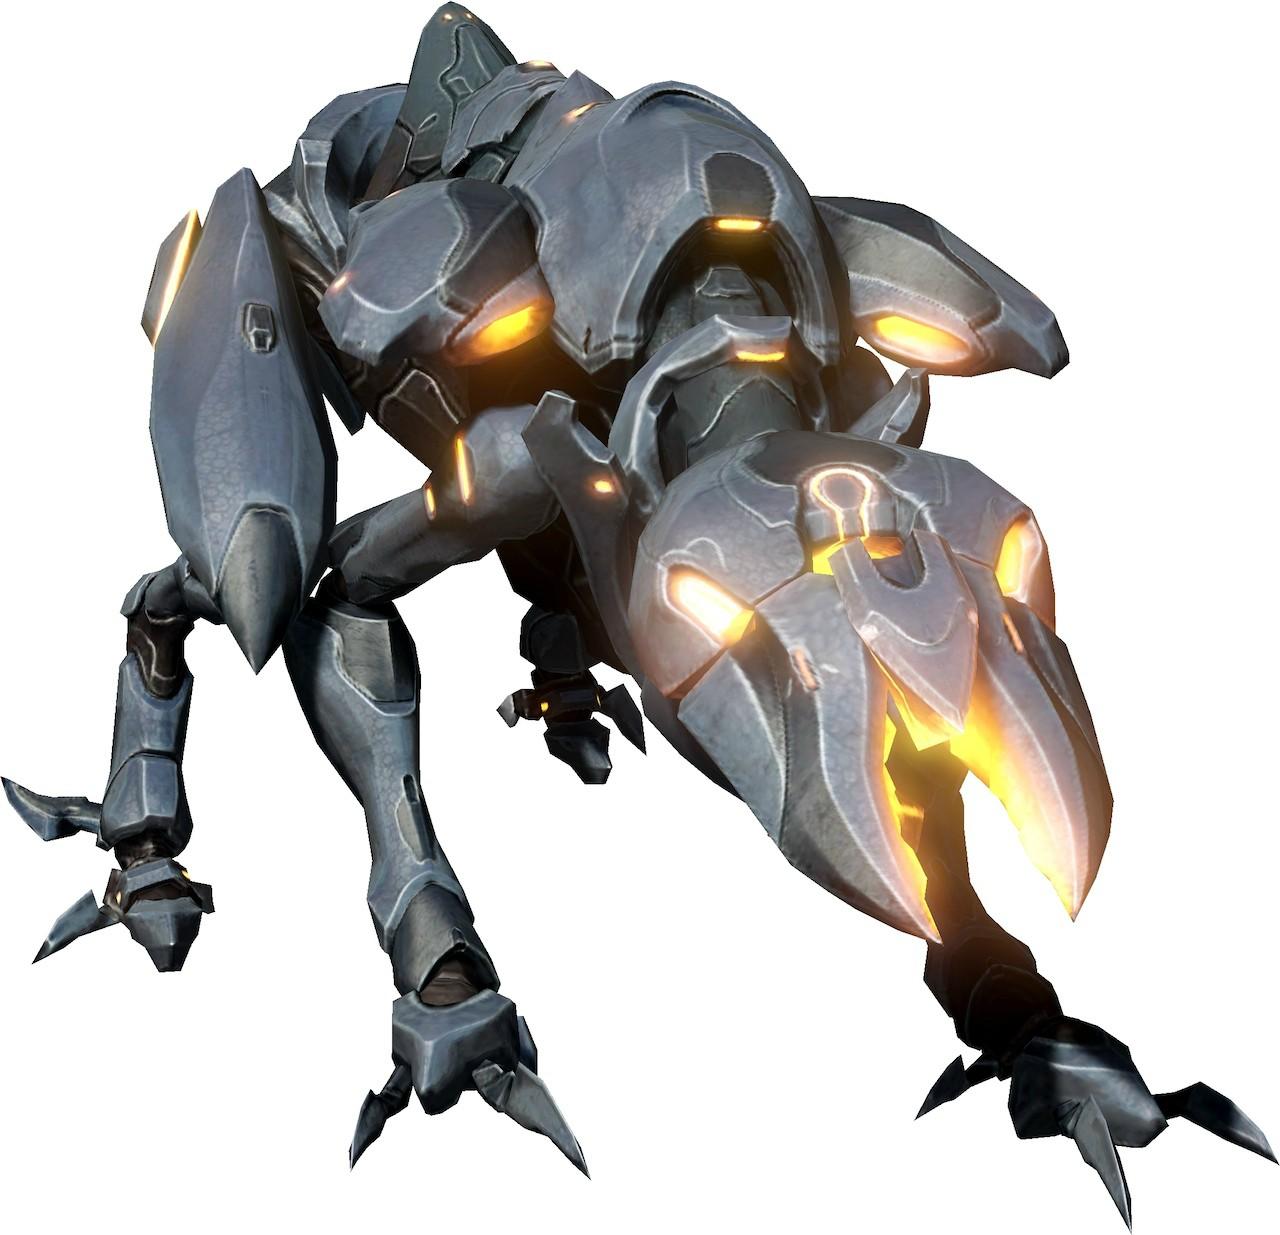 Halo4 360 Visuel 023